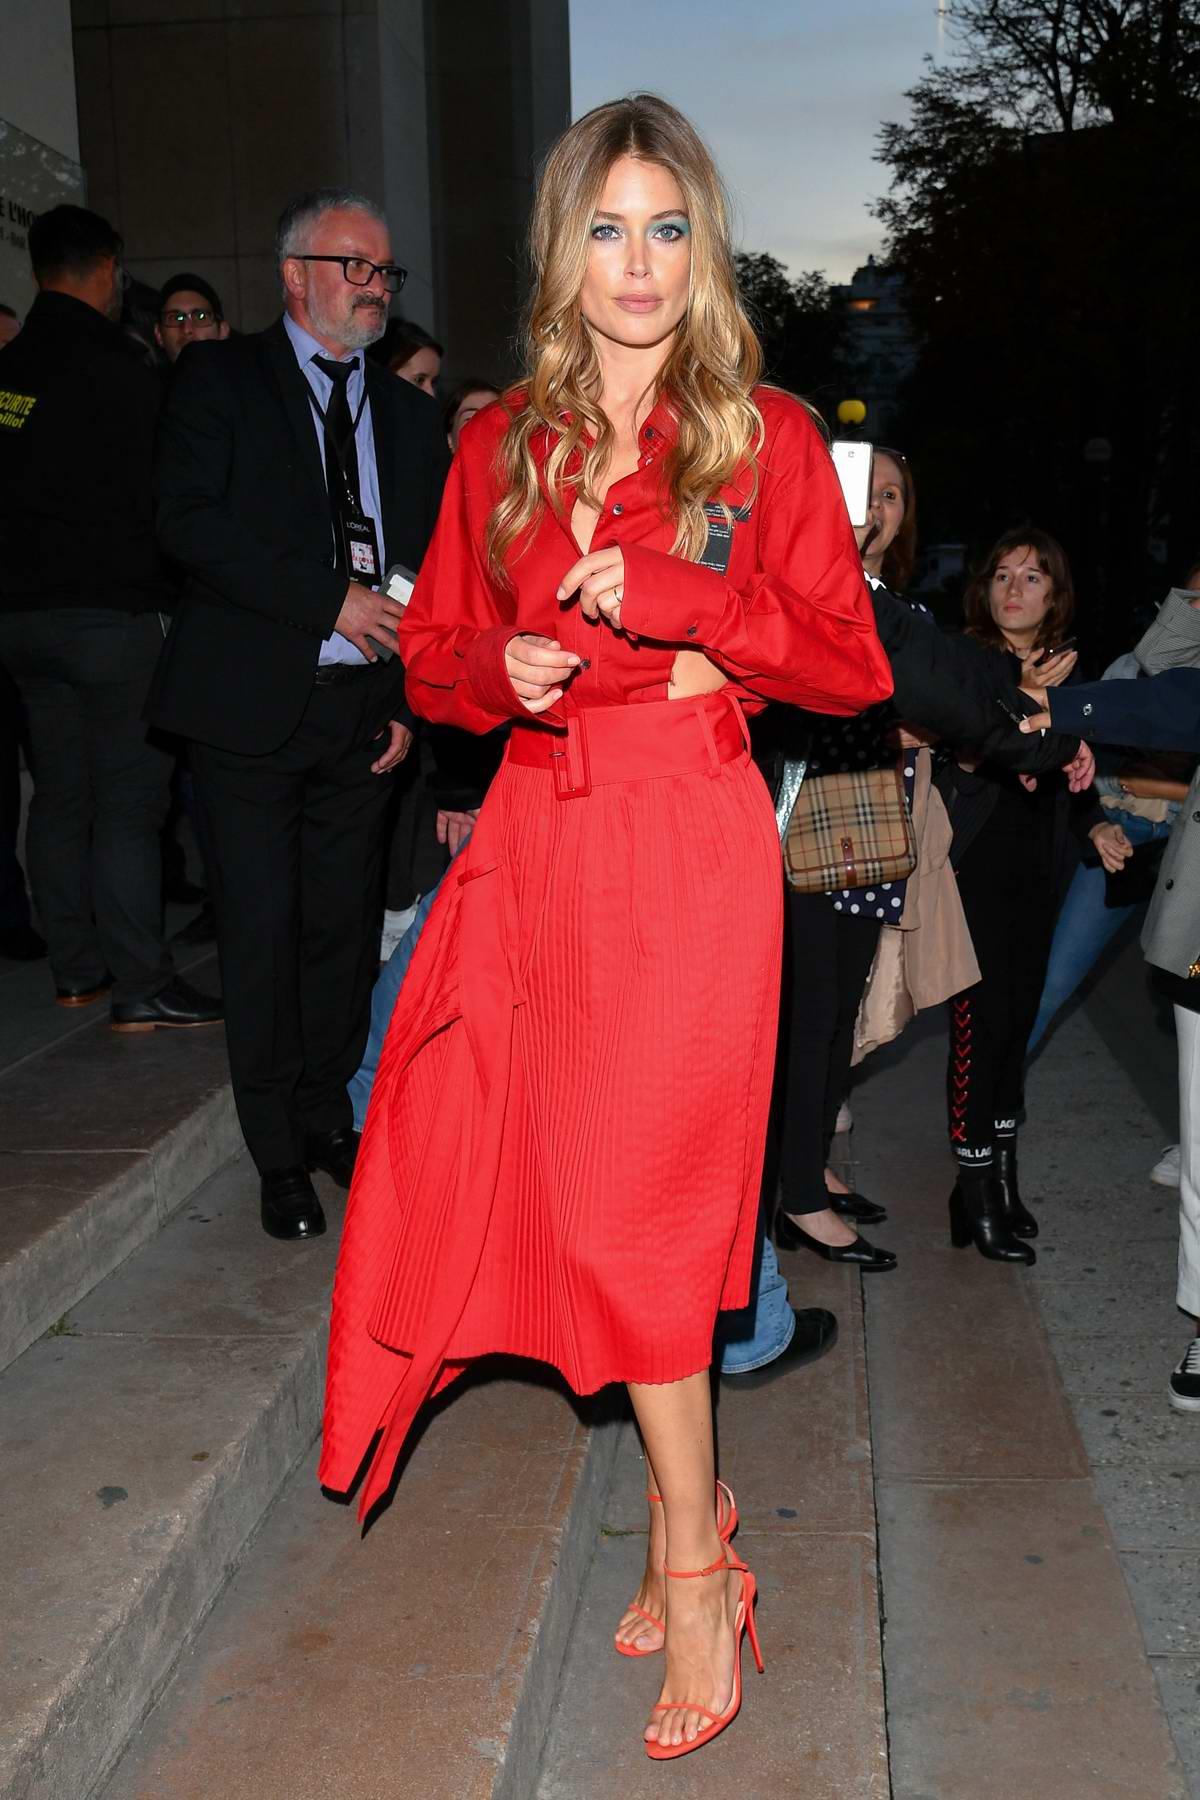 Doutzen Kroes attends the L'Oreal Paris Spring/Summer 2020 show during Paris Fashion Week in Paris, France